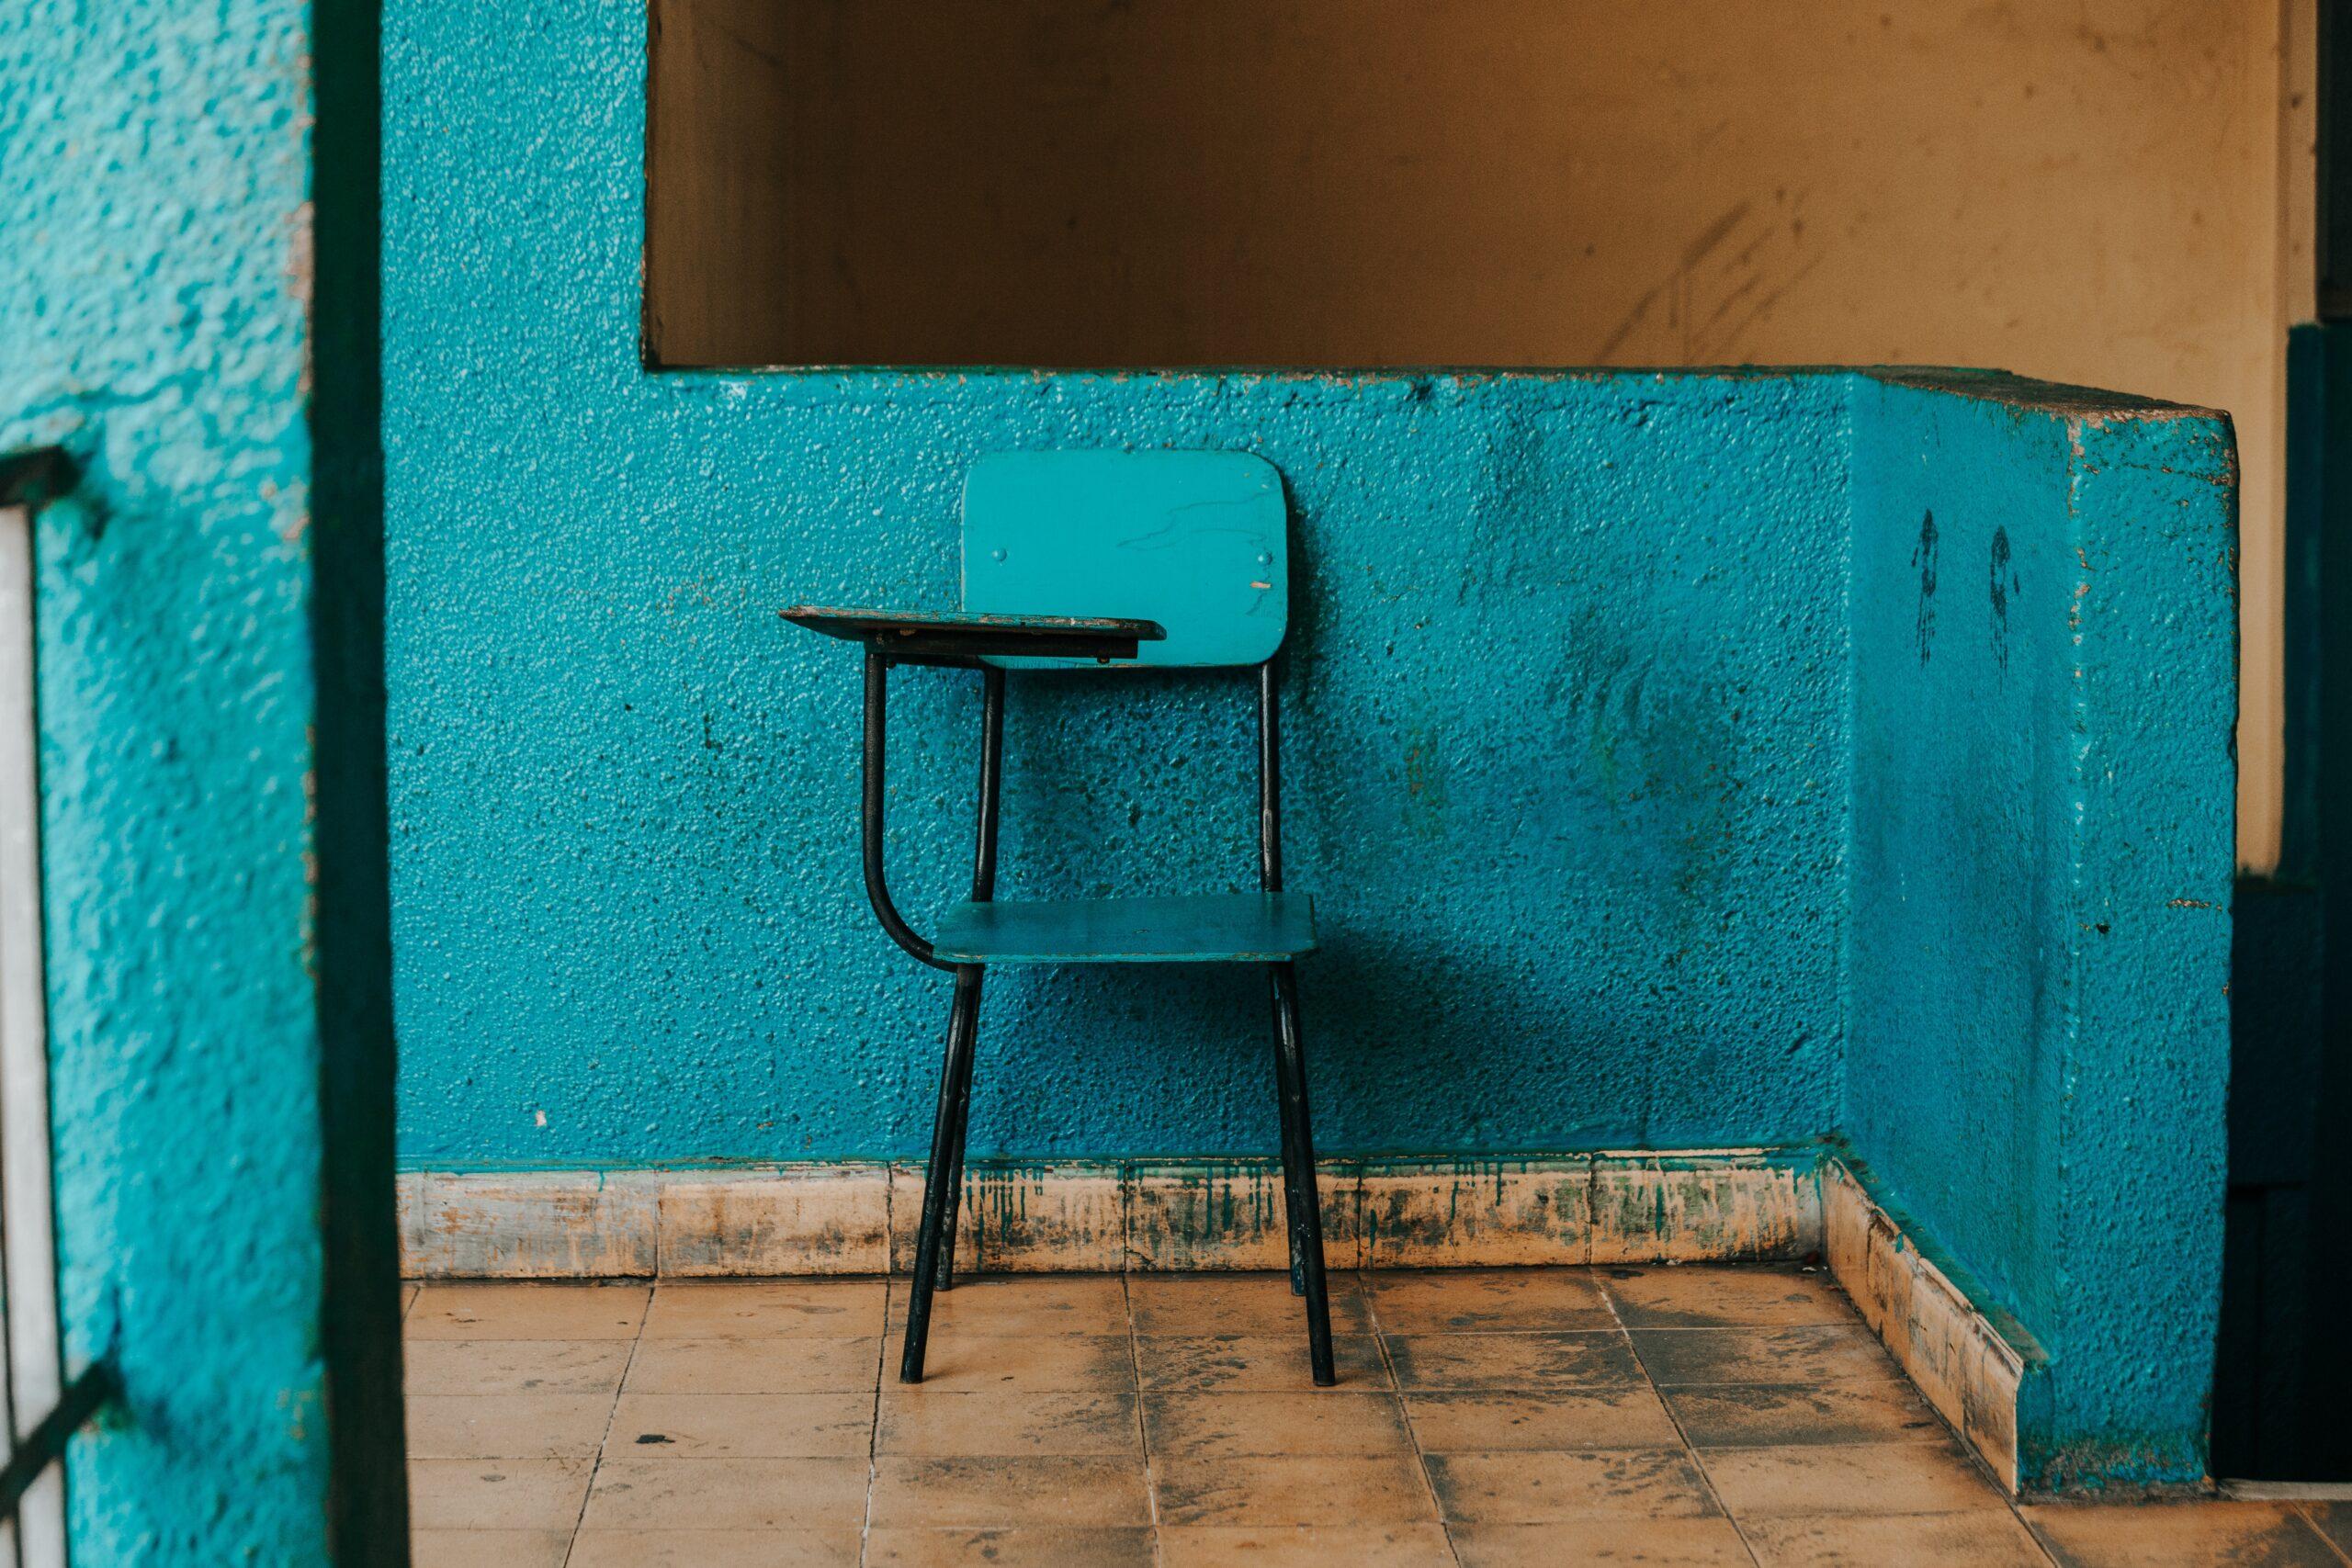 Imagen de la noticia Sistema de protección integral de la infancia garífuna, desde un enfoque basado en derechos humanos y equidad de género, con énfasis en la erradicación del matrimonio infantil y los abusos sexuales que sufren las niñas y las adolescentes en Iriona, Santa Fe y Balfate, Honduras